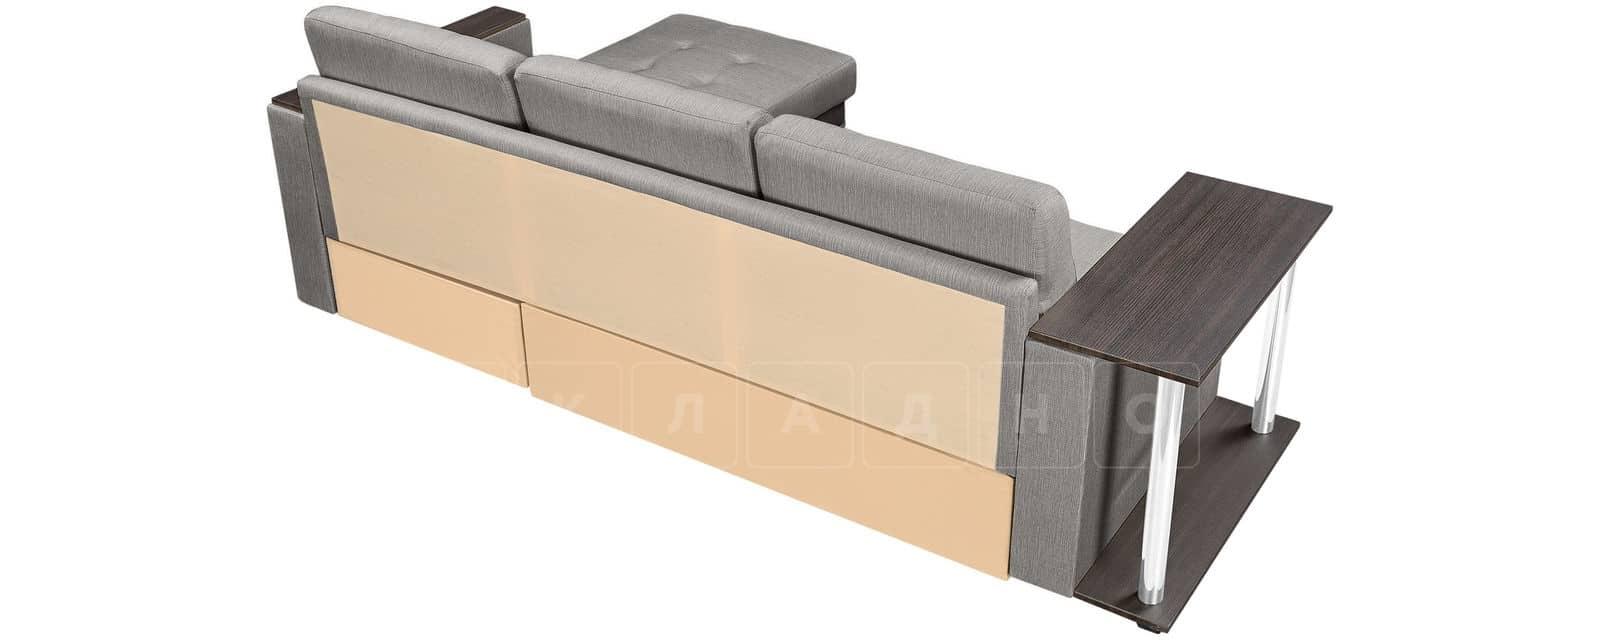 Угловой диван Атланта рогожка серого цвета фото 3 | интернет-магазин Складно